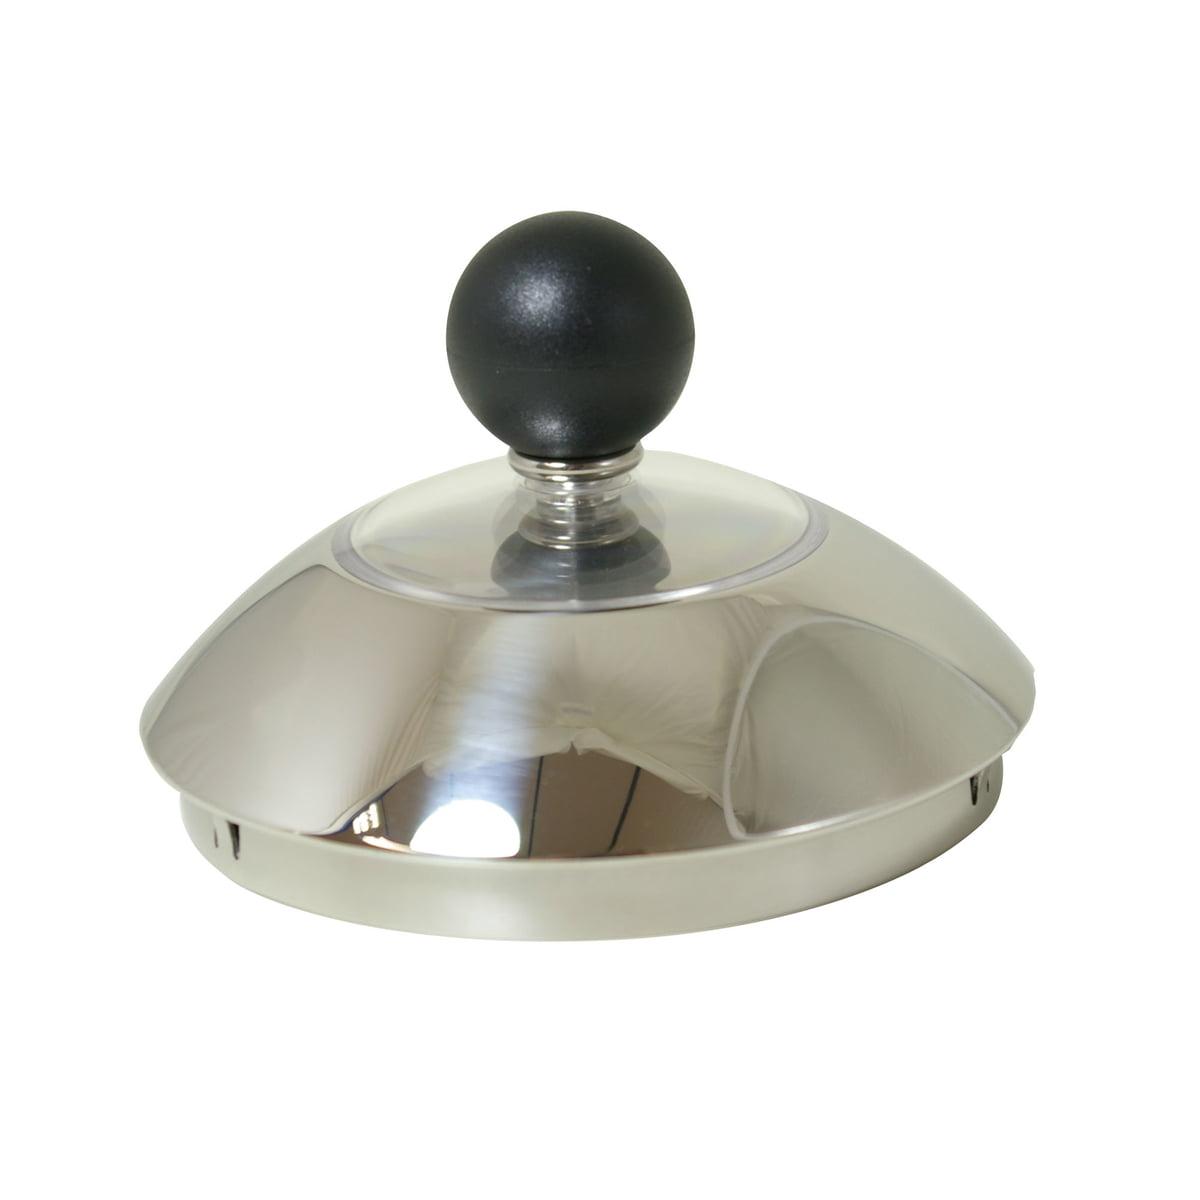 Alessi - Ersatzteil Deckel zu Wasserkessel 9093 FM MG32 AZ | Küche und Esszimmer > Küchengeräte | Edelstahl | Edelstahl | Alessi